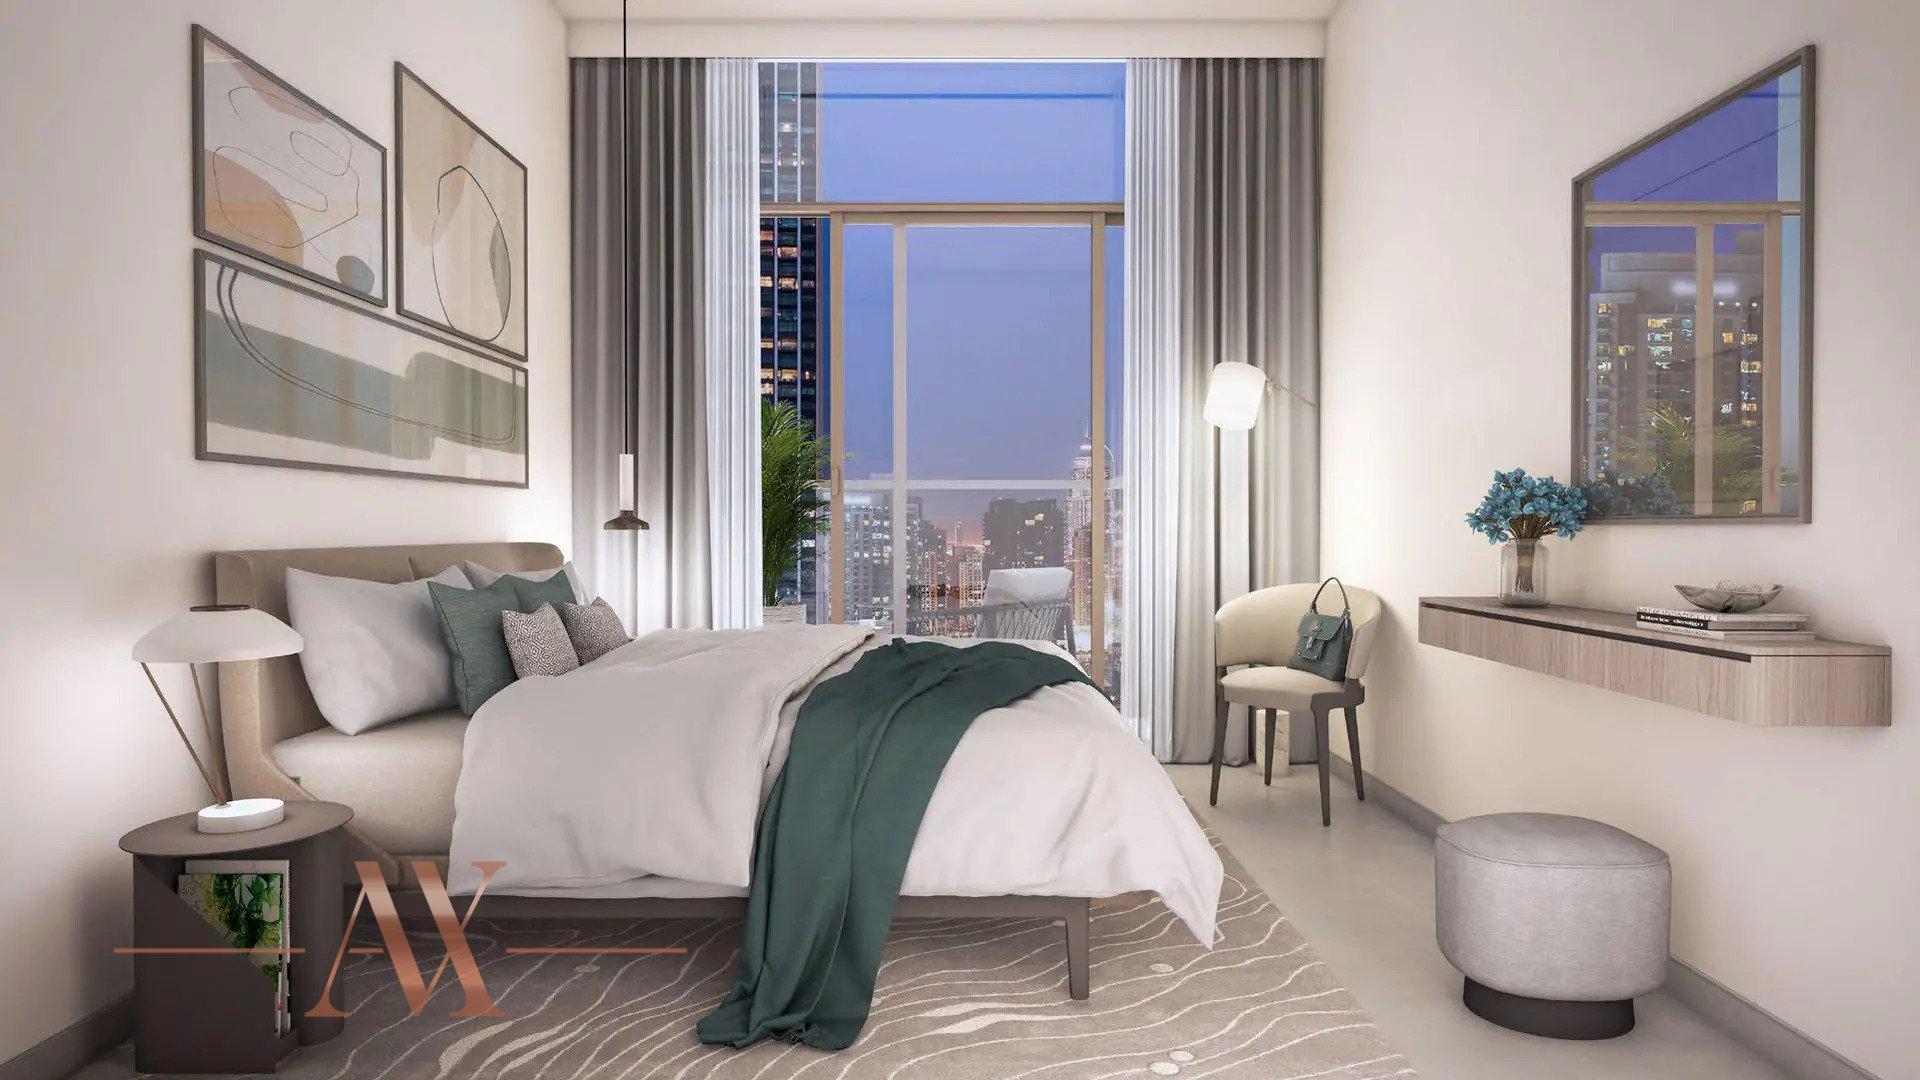 Apartment for sale in Dubai, UAE, 2 bedrooms, 92 m2, No. 23830 – photo 5